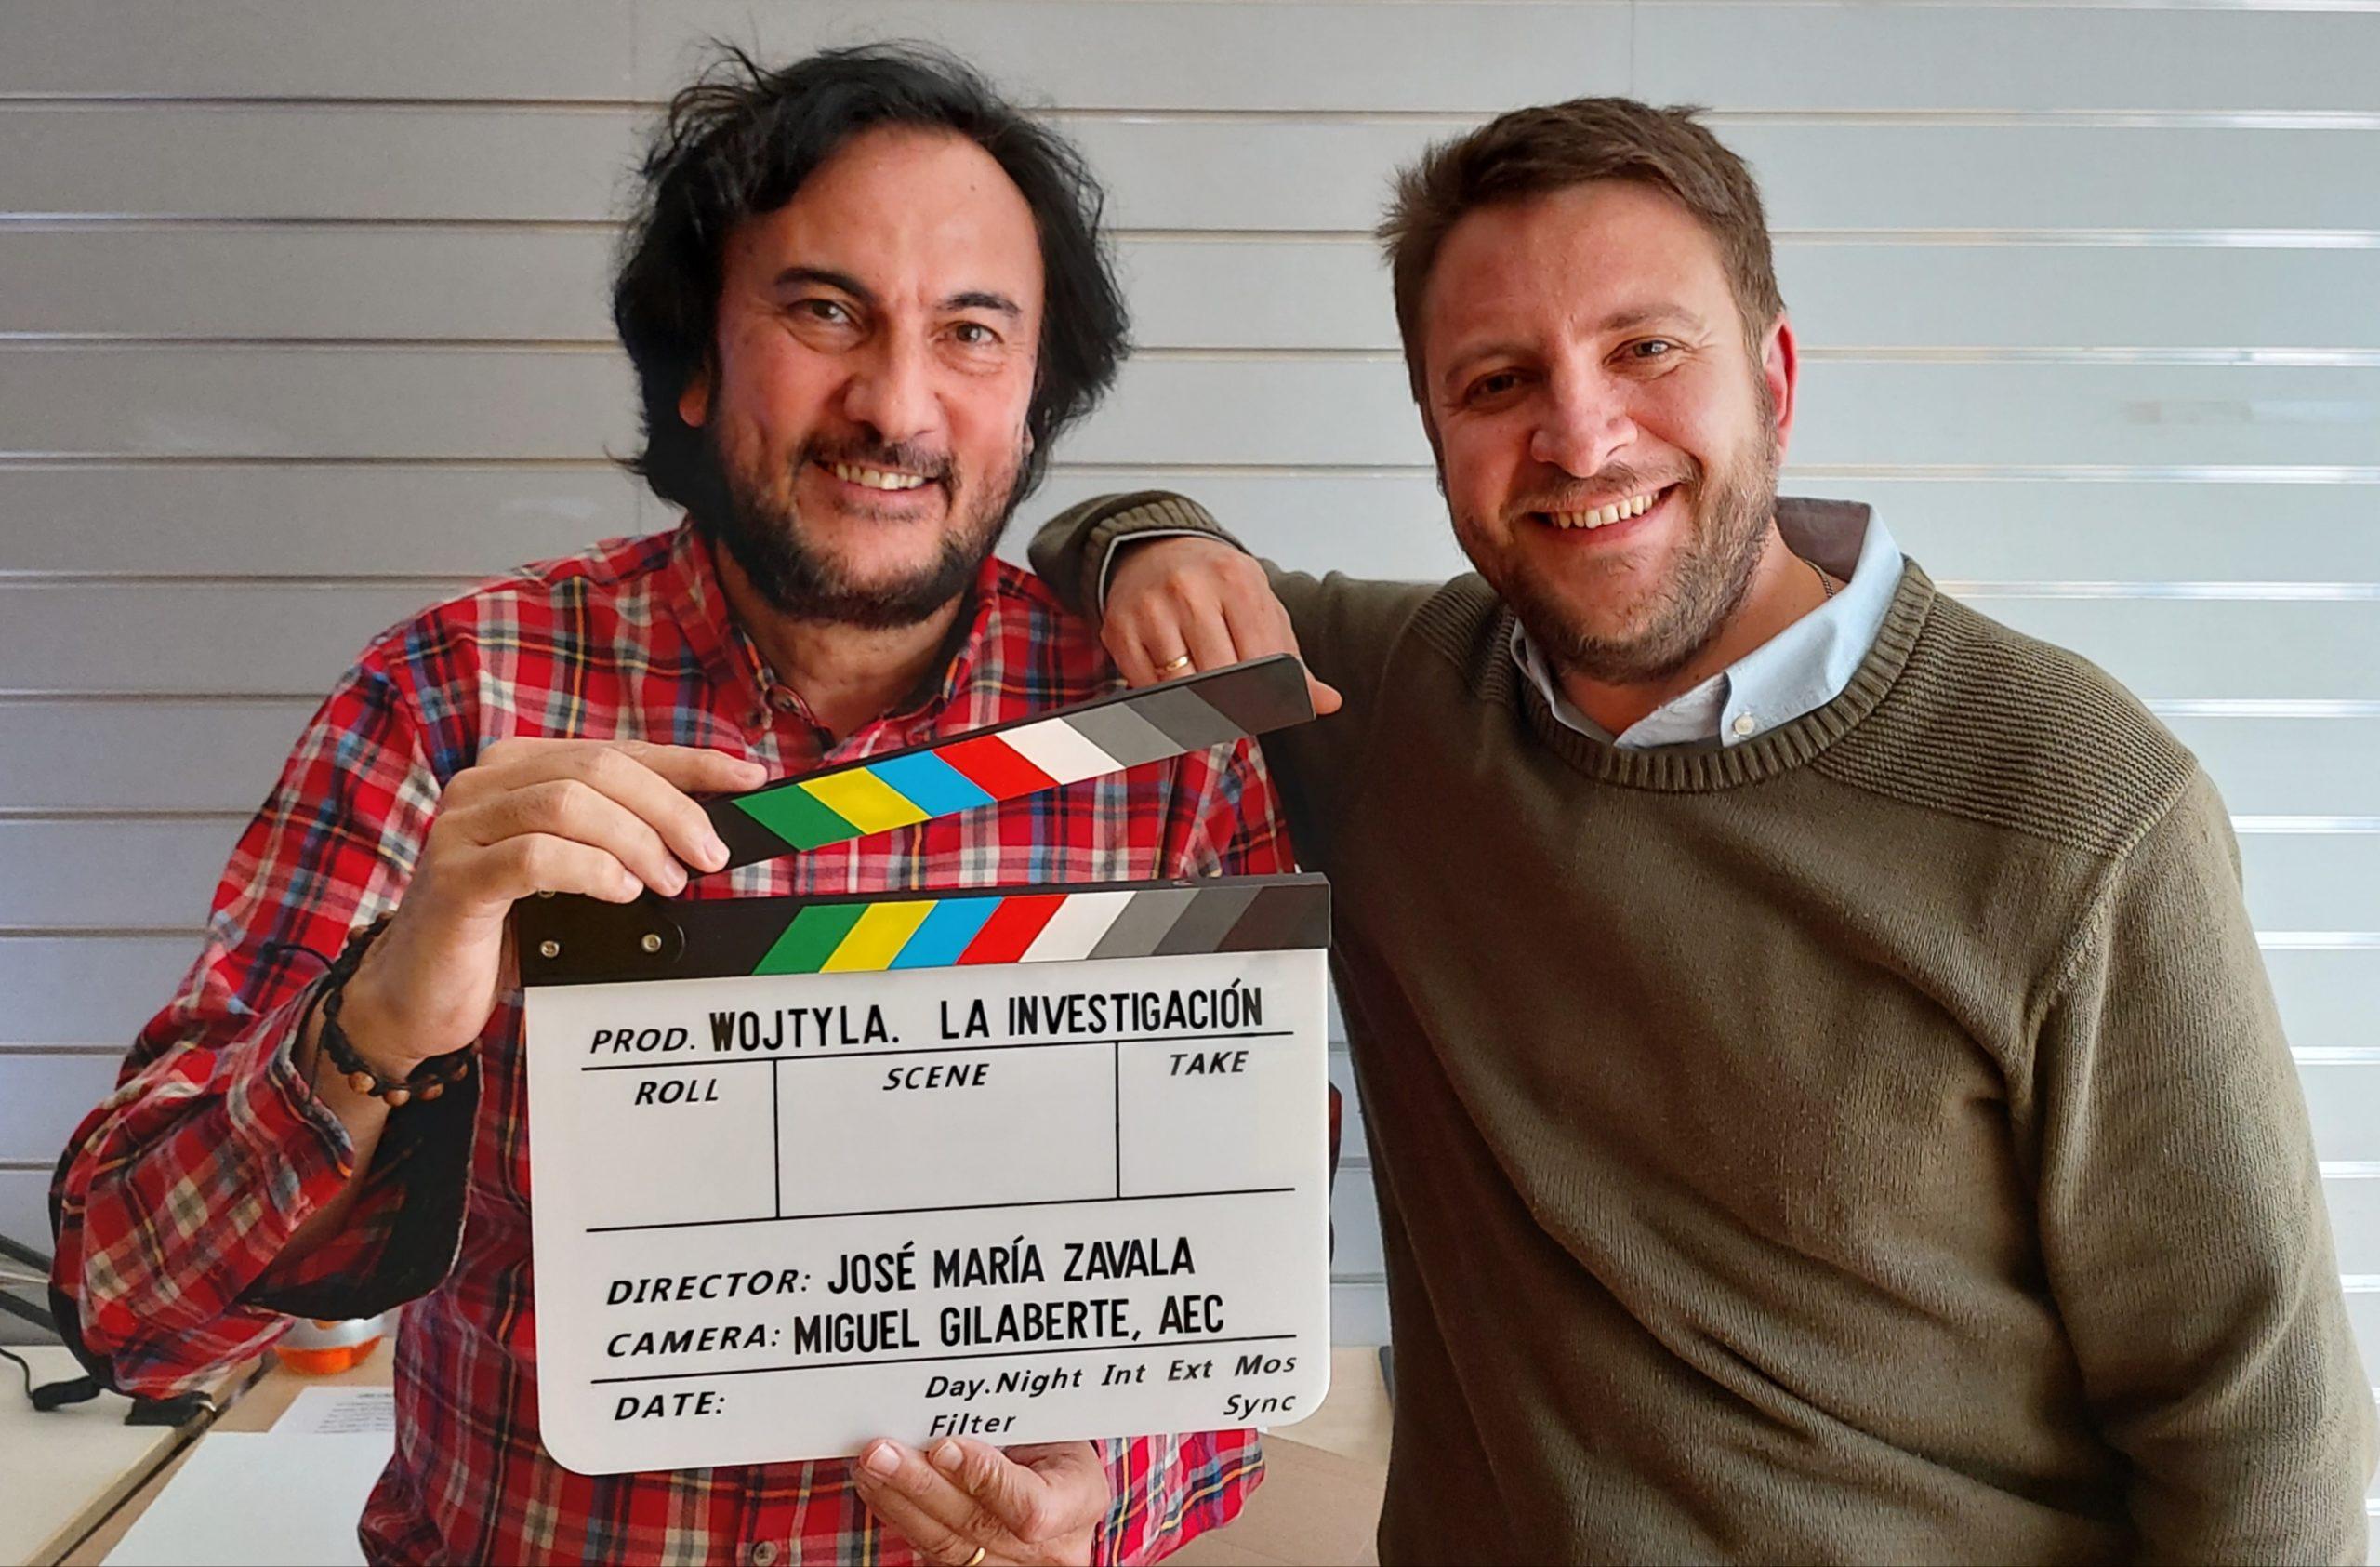 El director José María Zavala con Miguel Gilaberte, director de fotografía © JM. Z.